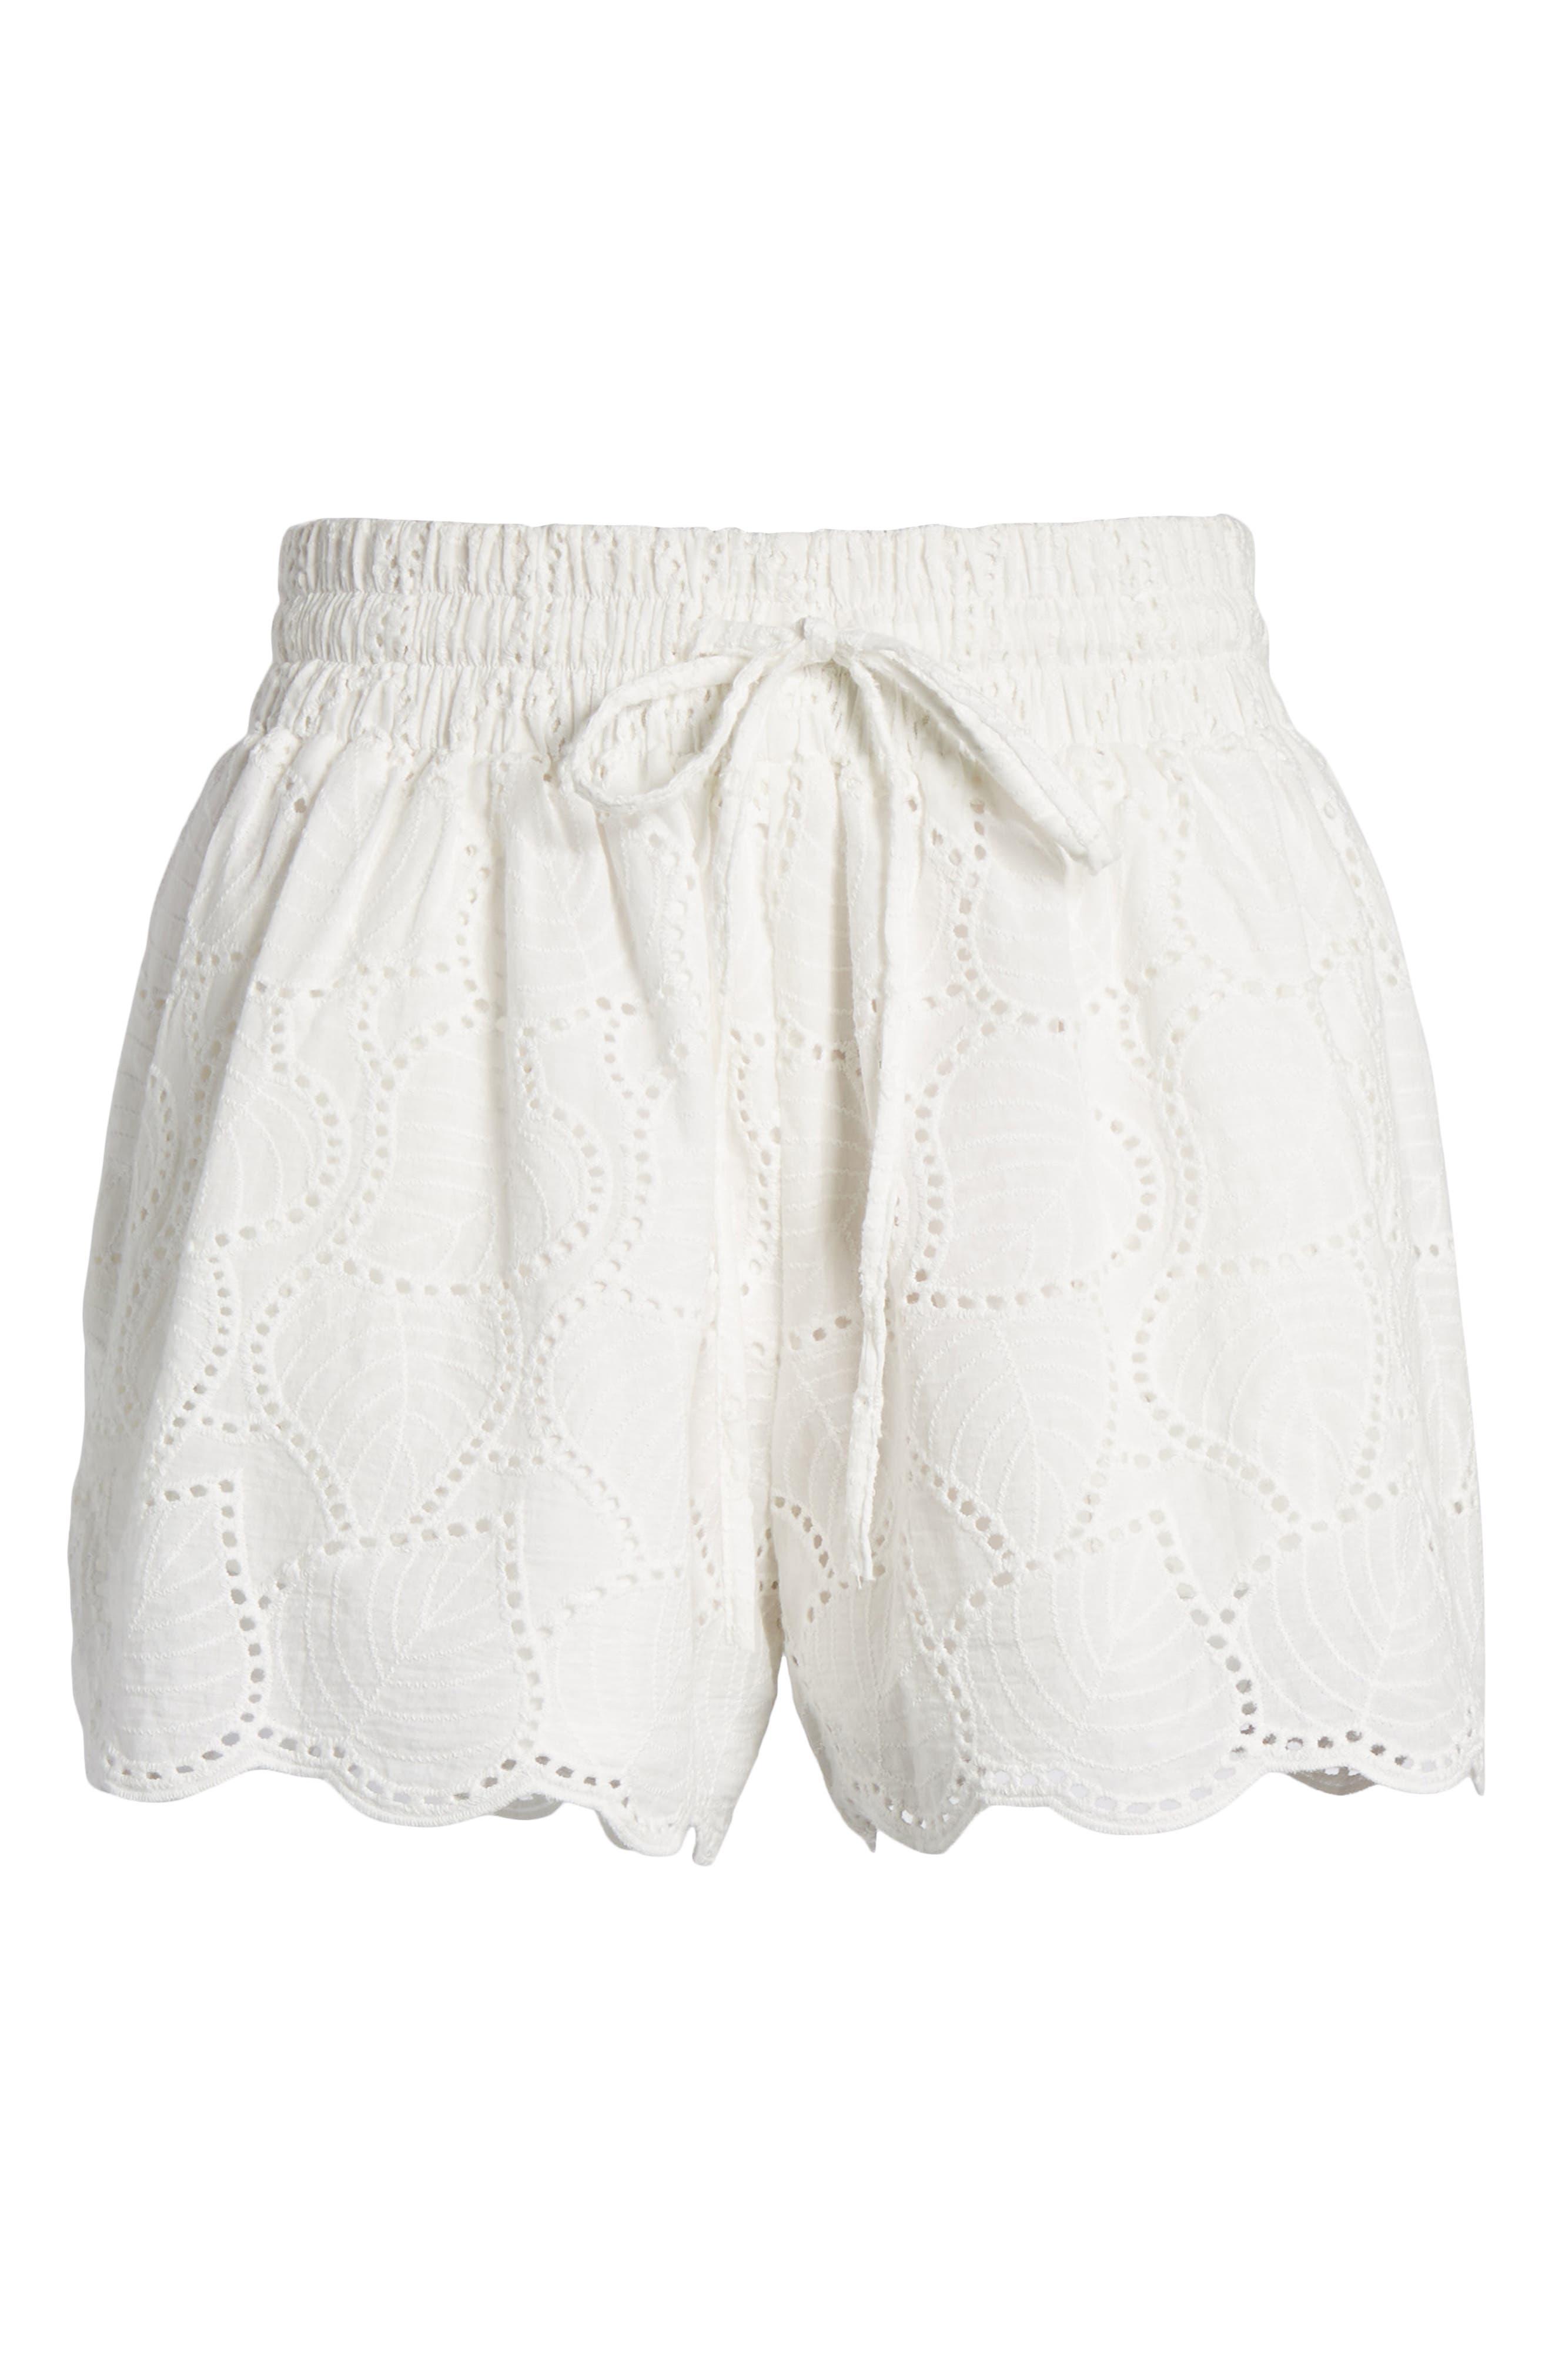 Bishop + Young Eyelet Shorts,                             Alternate thumbnail 6, color,                             100